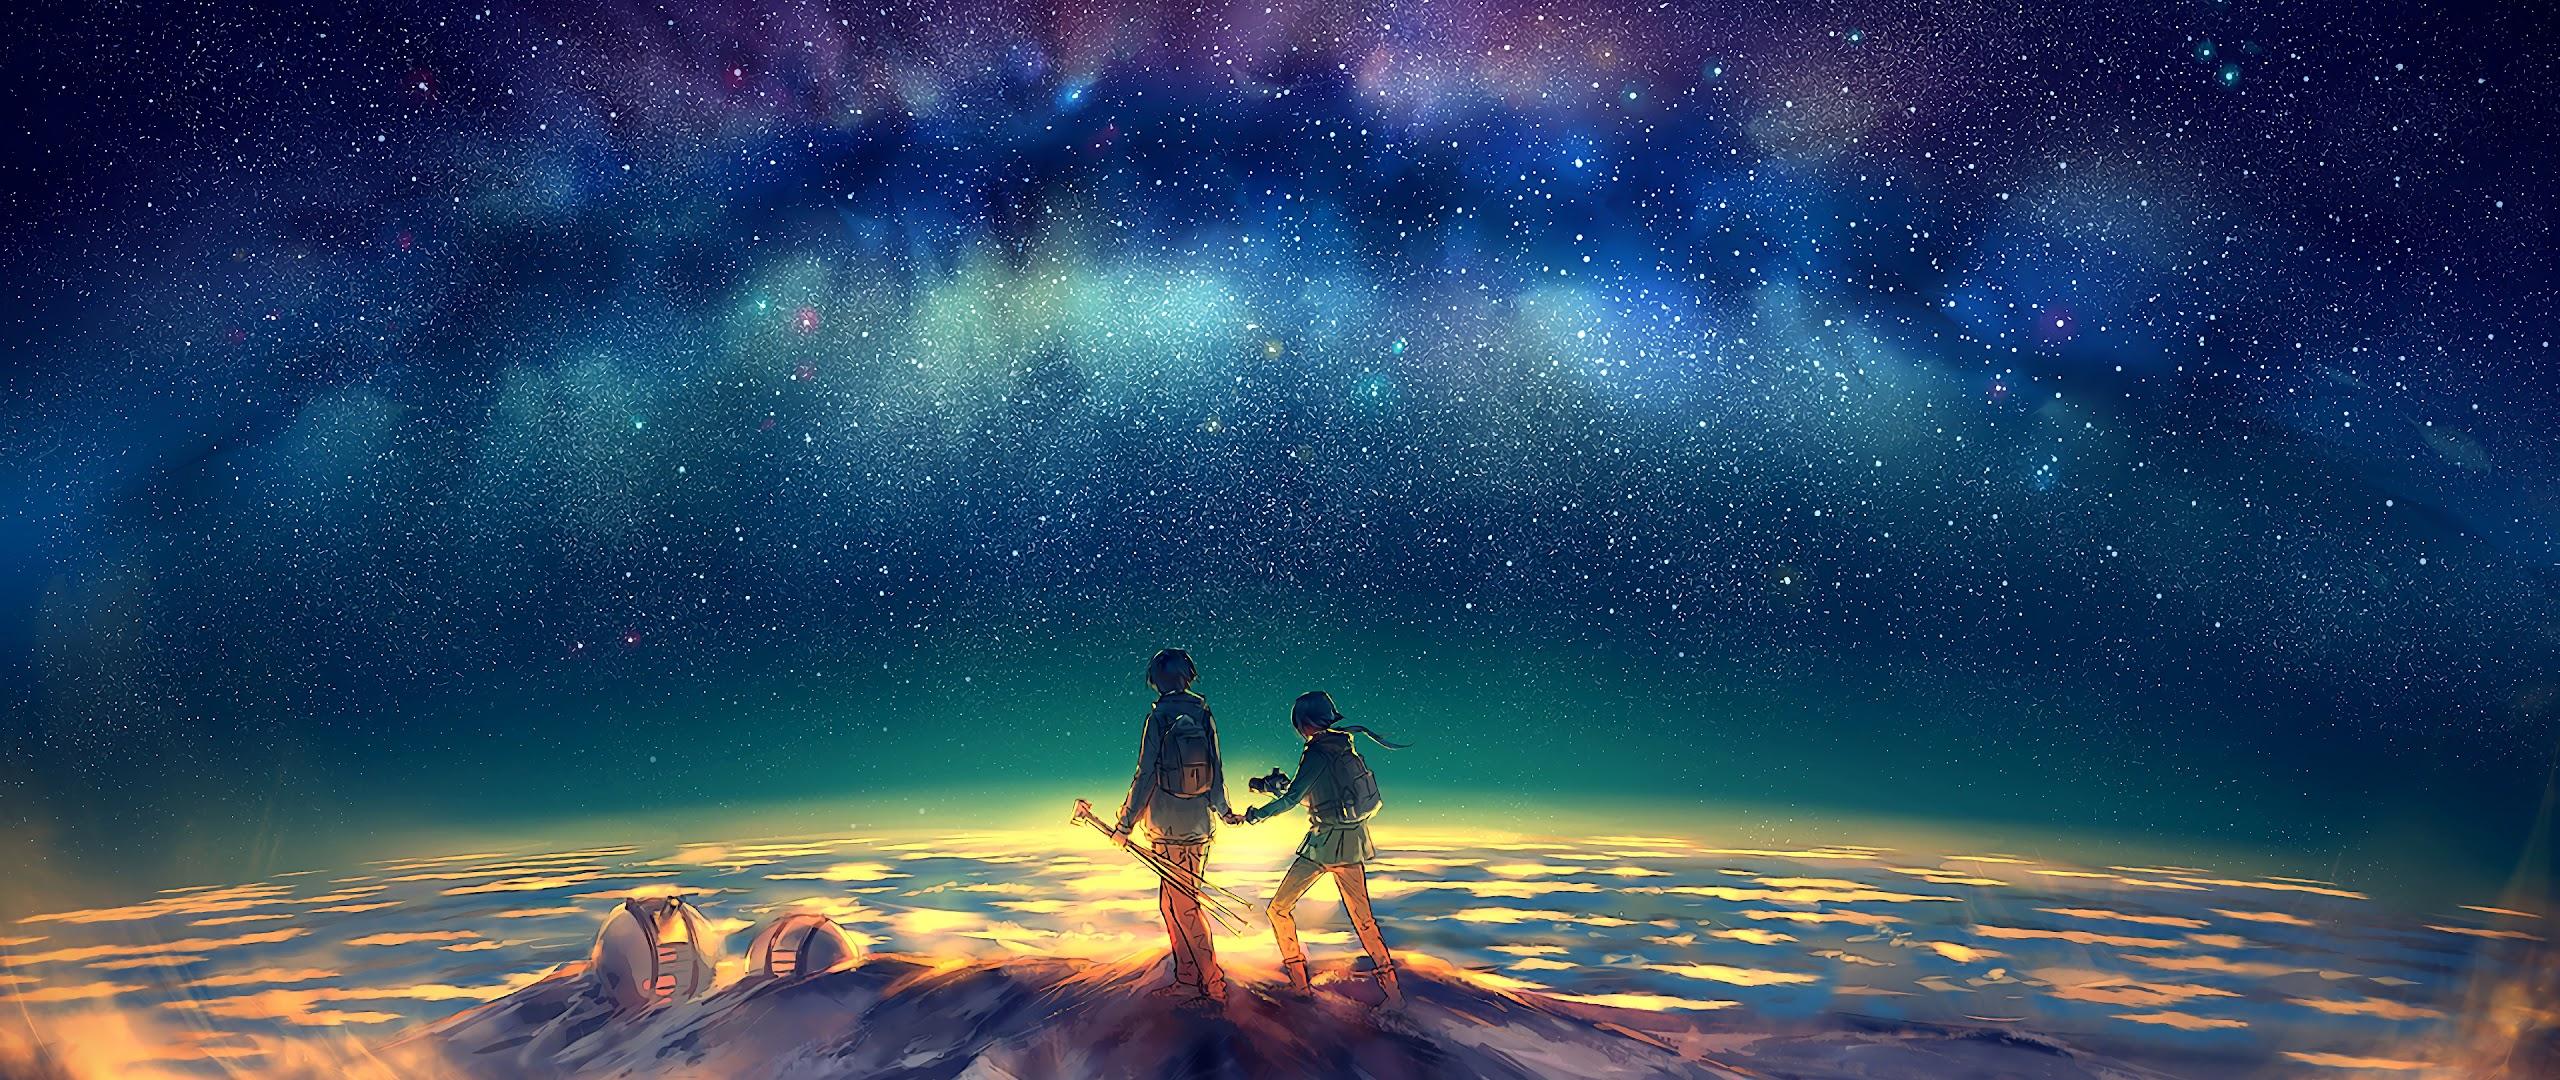 Anime, Stars, Night, Sky, Summit, 4K, 3840x2160, #50 Wallpaper